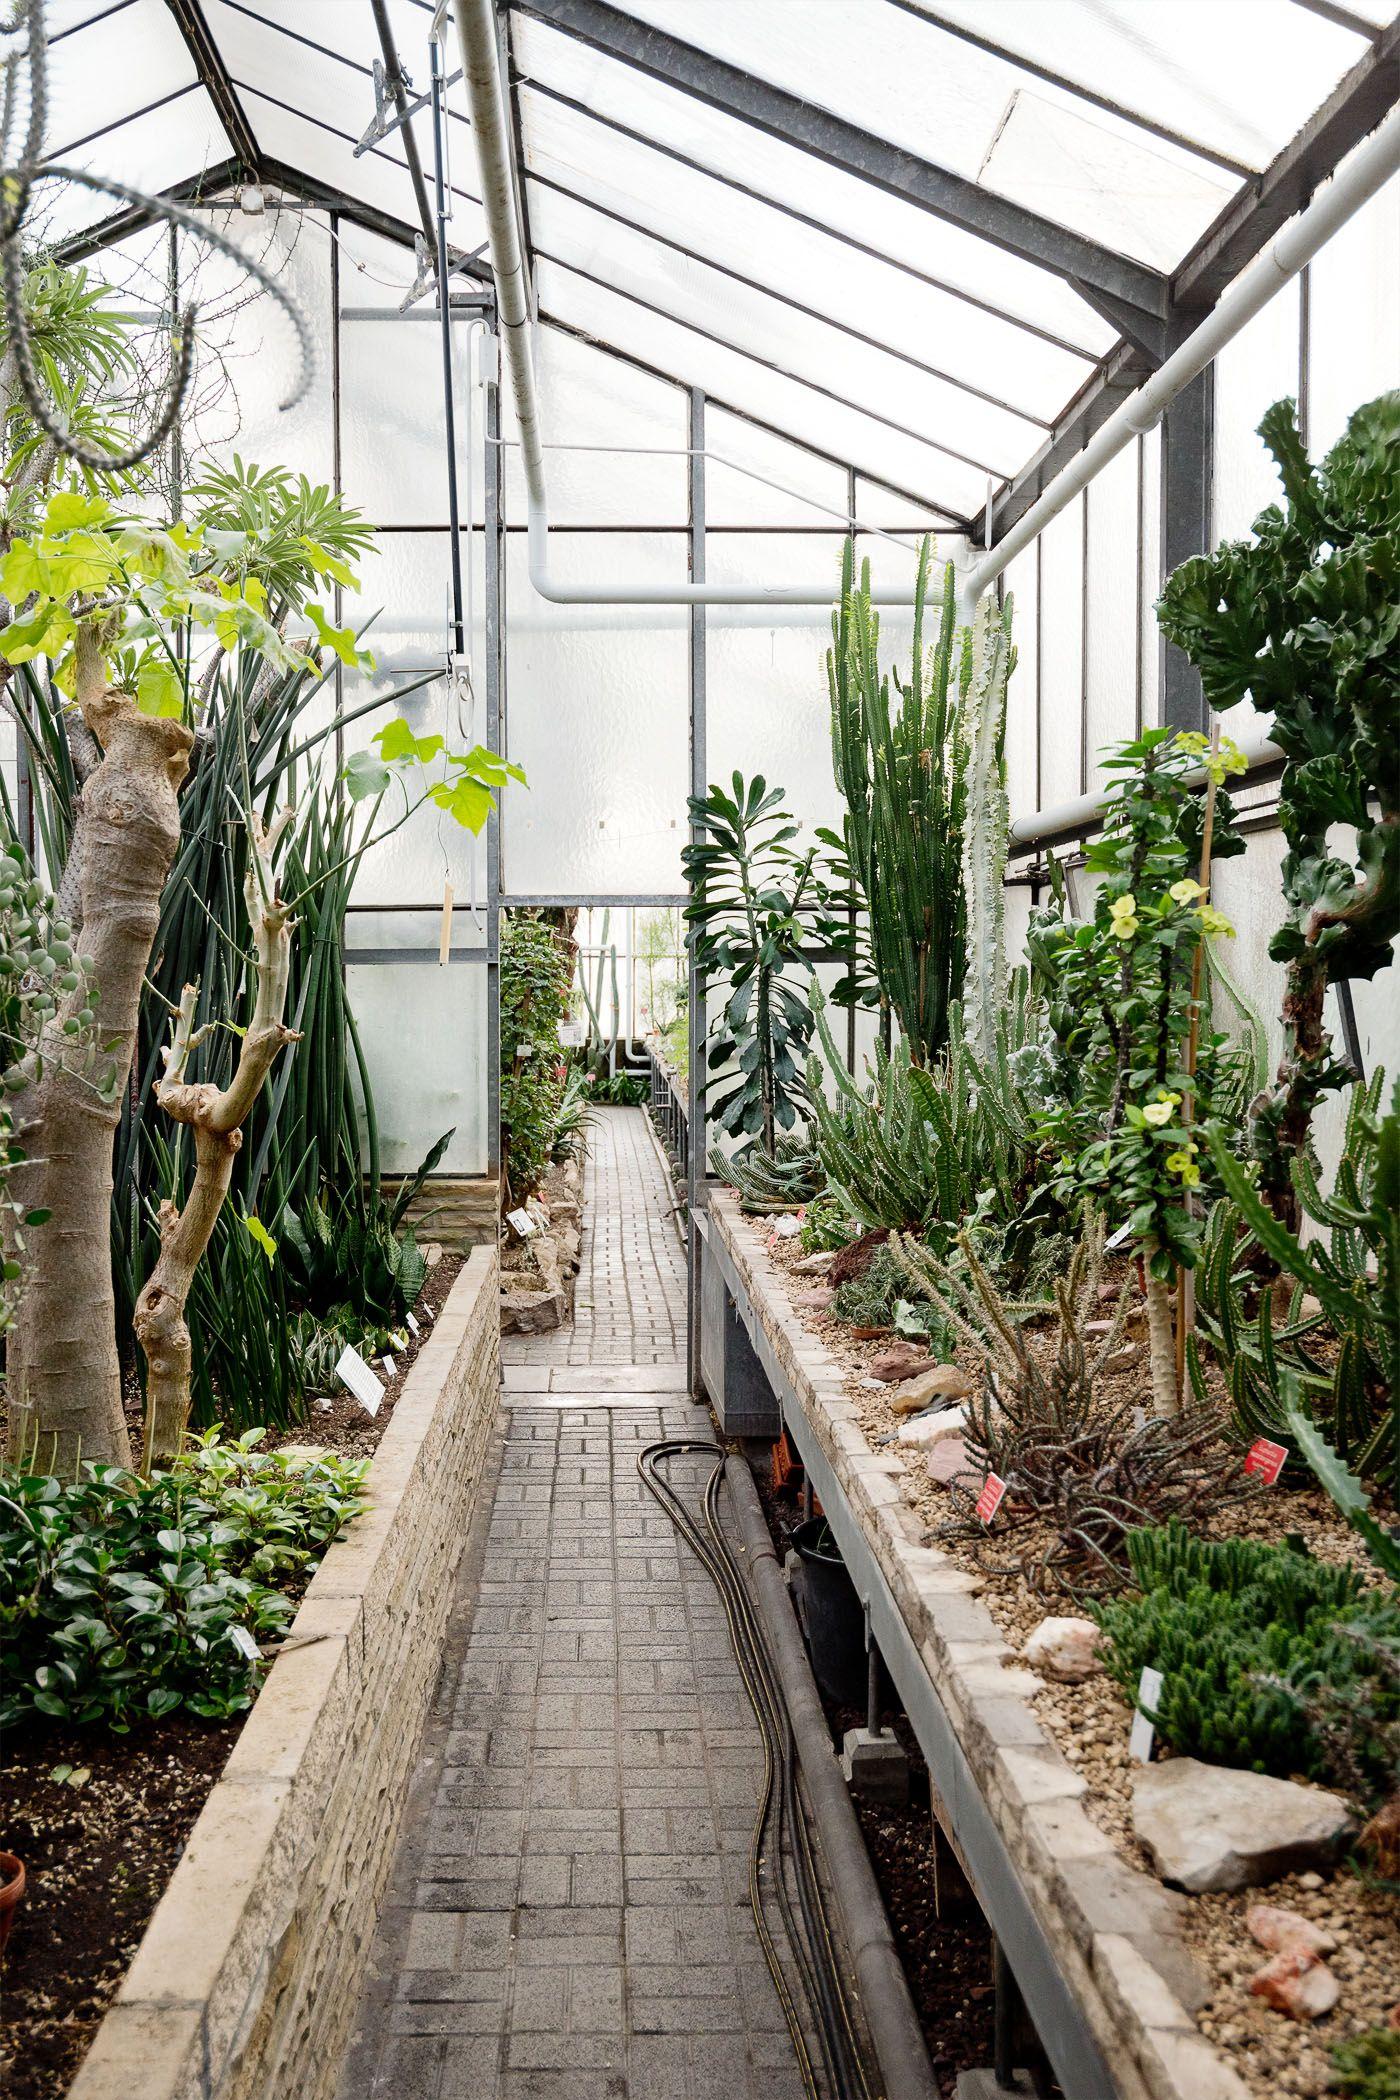 Botanischer Garten Des Kit In Karlsruhe Botanischer Garten Karlsruhe Garten